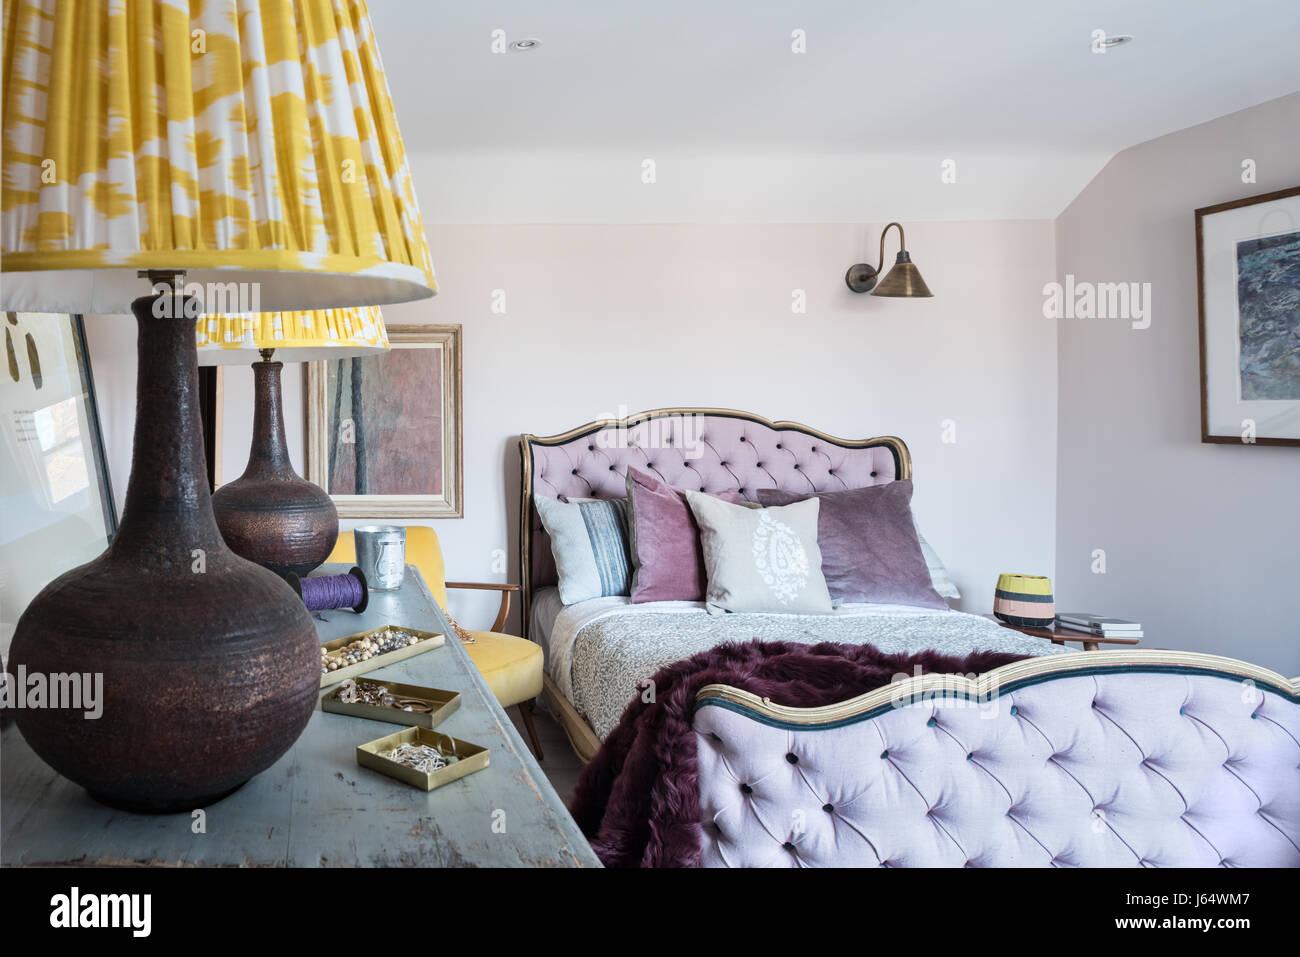 Lila Lammfell Wurf Auf Antikes Bett Mit Geknöpftem Kopfteil In Zimmer Mit  Zwei Gelben Ikat Print